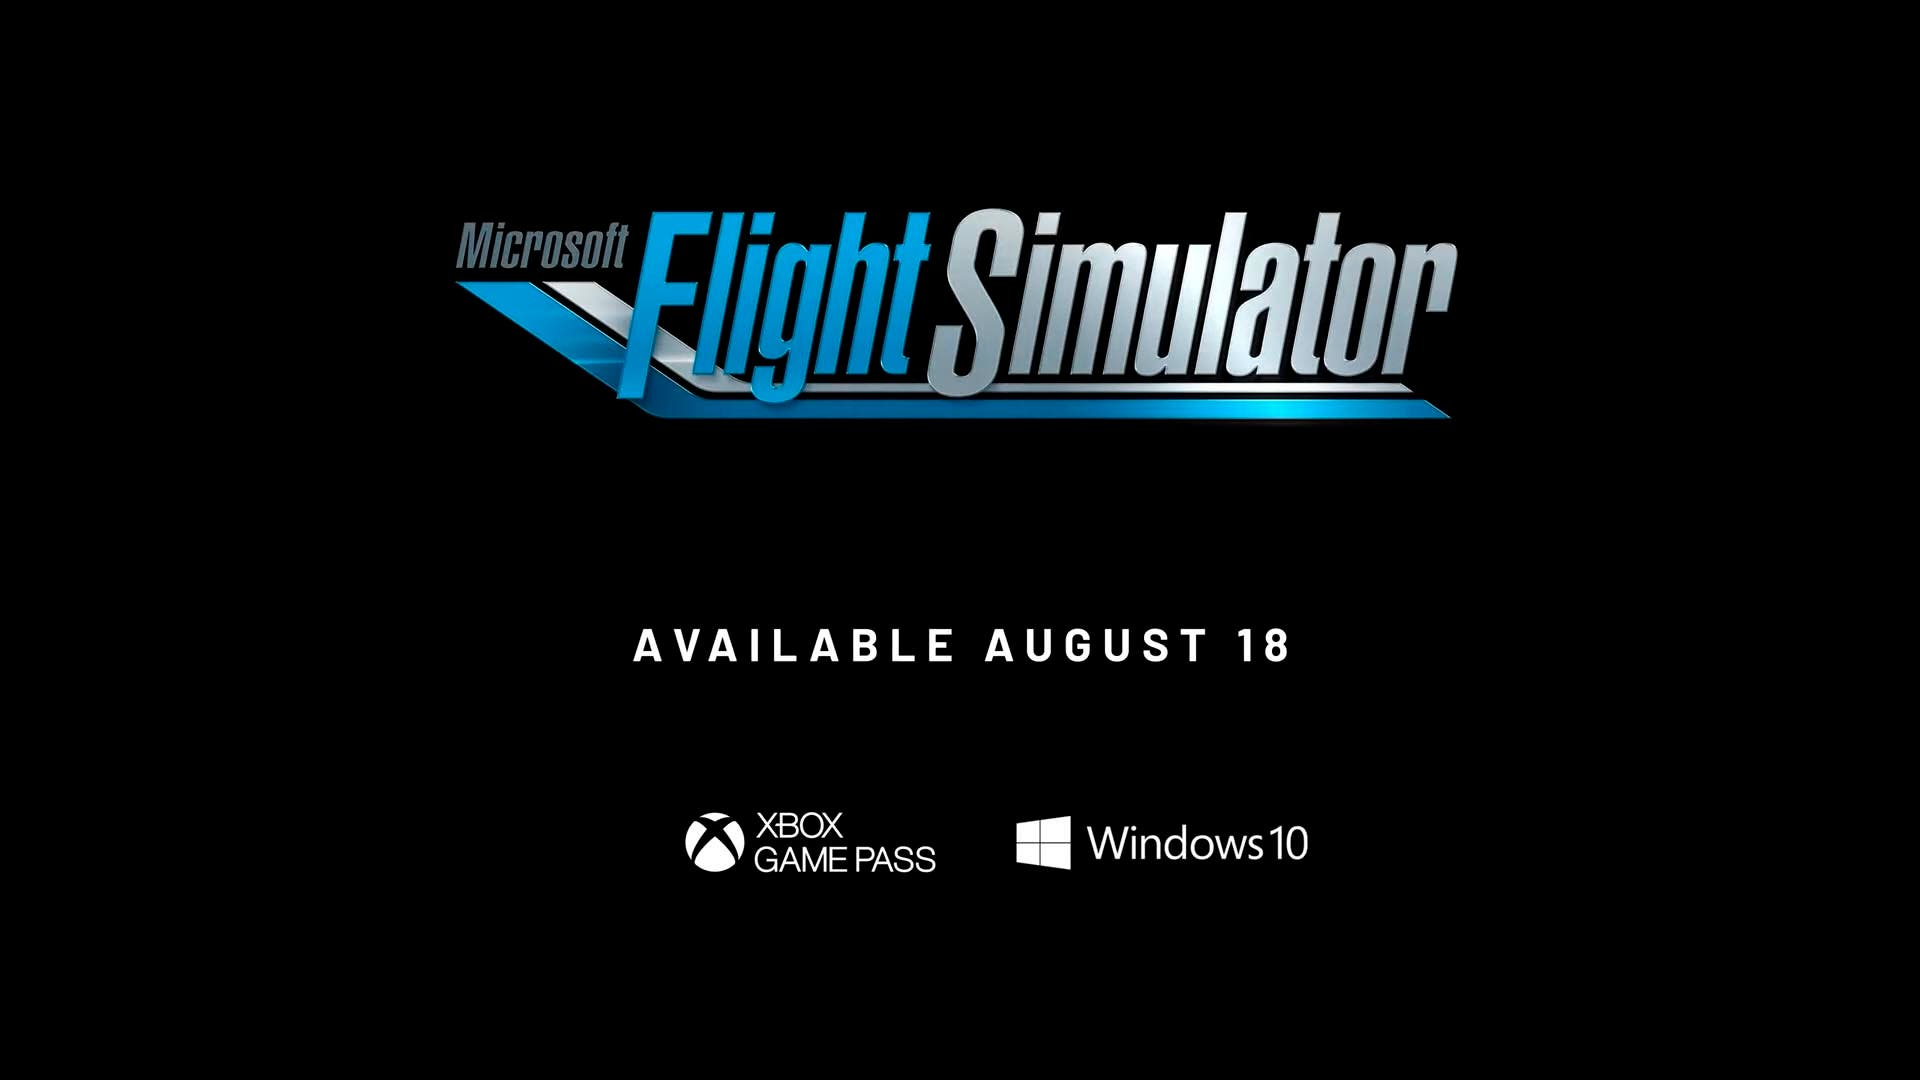 Microsoft Flight Simulator fija su fecha de lanzamiento en agosto en su último tráiler 5